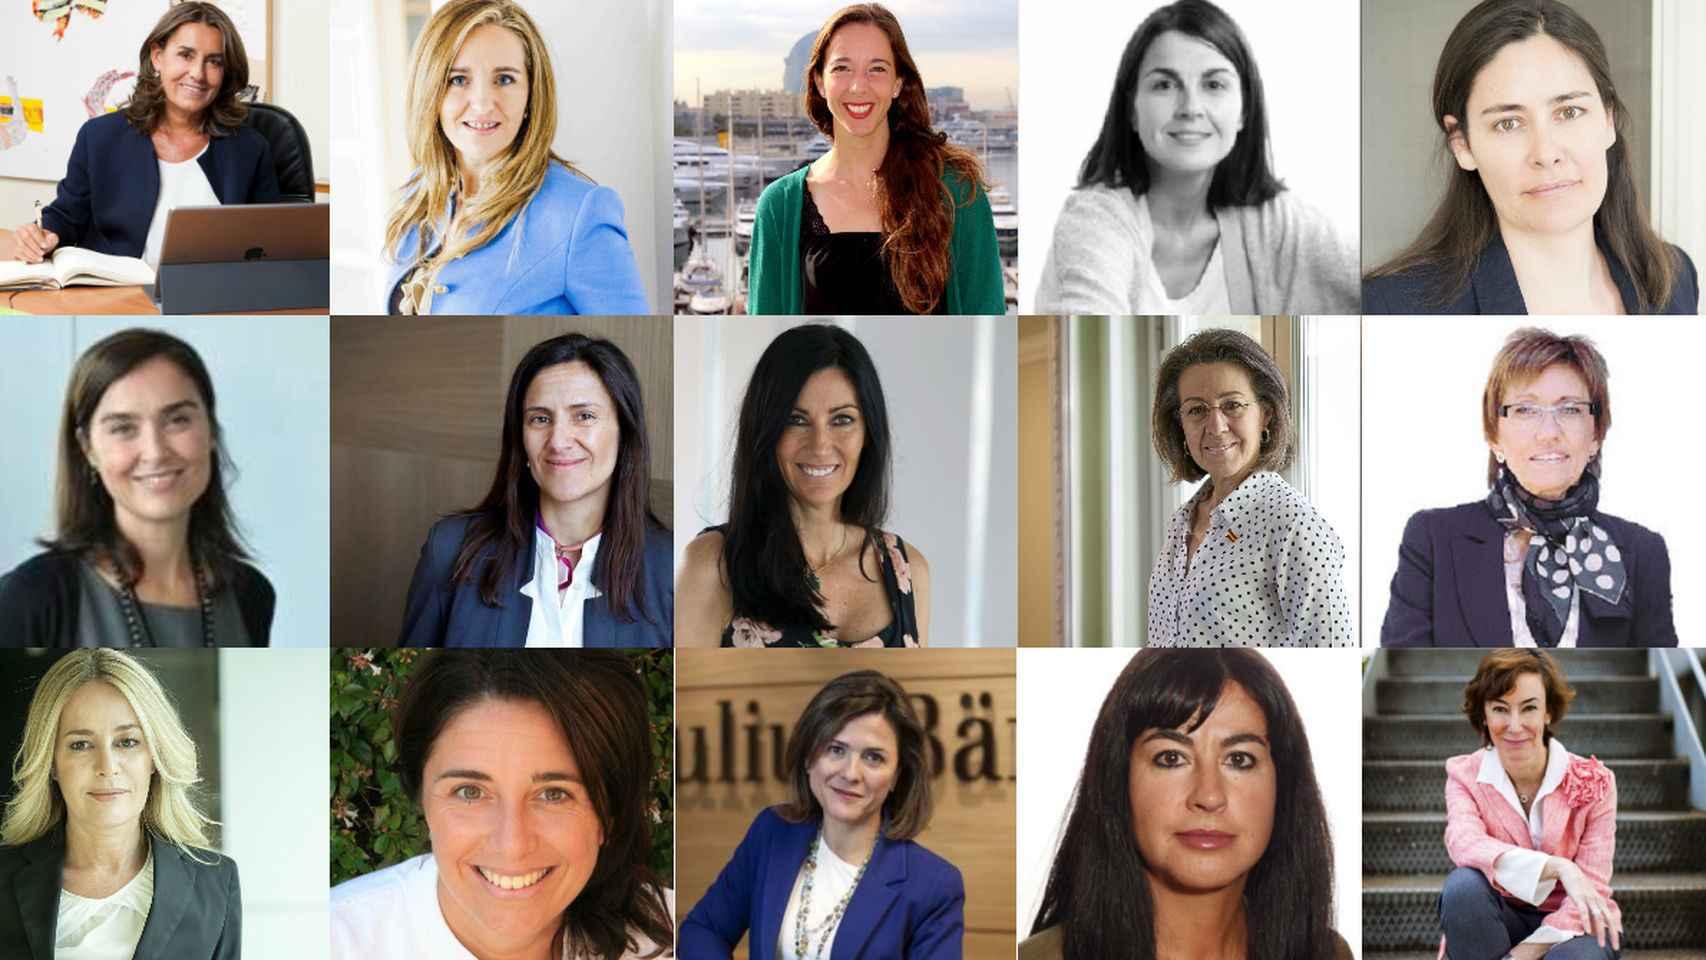 ¿Mujeres en los consejos? El Ibex 35 casi las ha duplicado en seis años